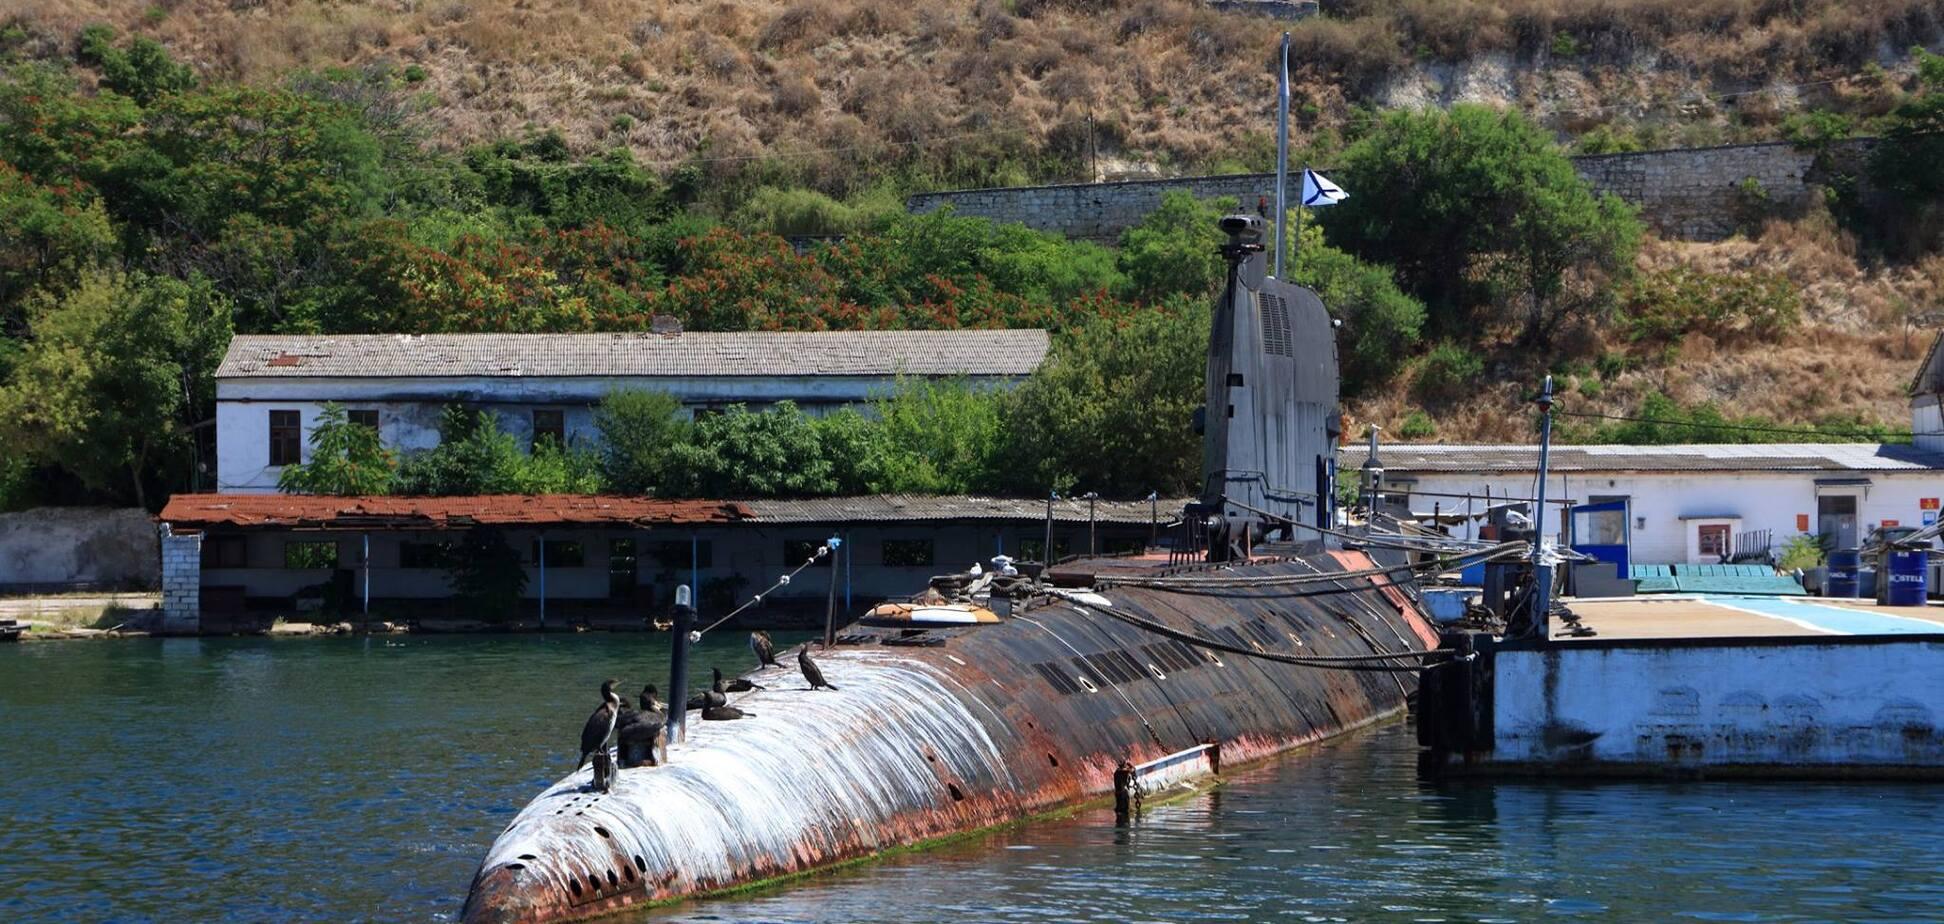 Підводний човен 'Запоріжжя'